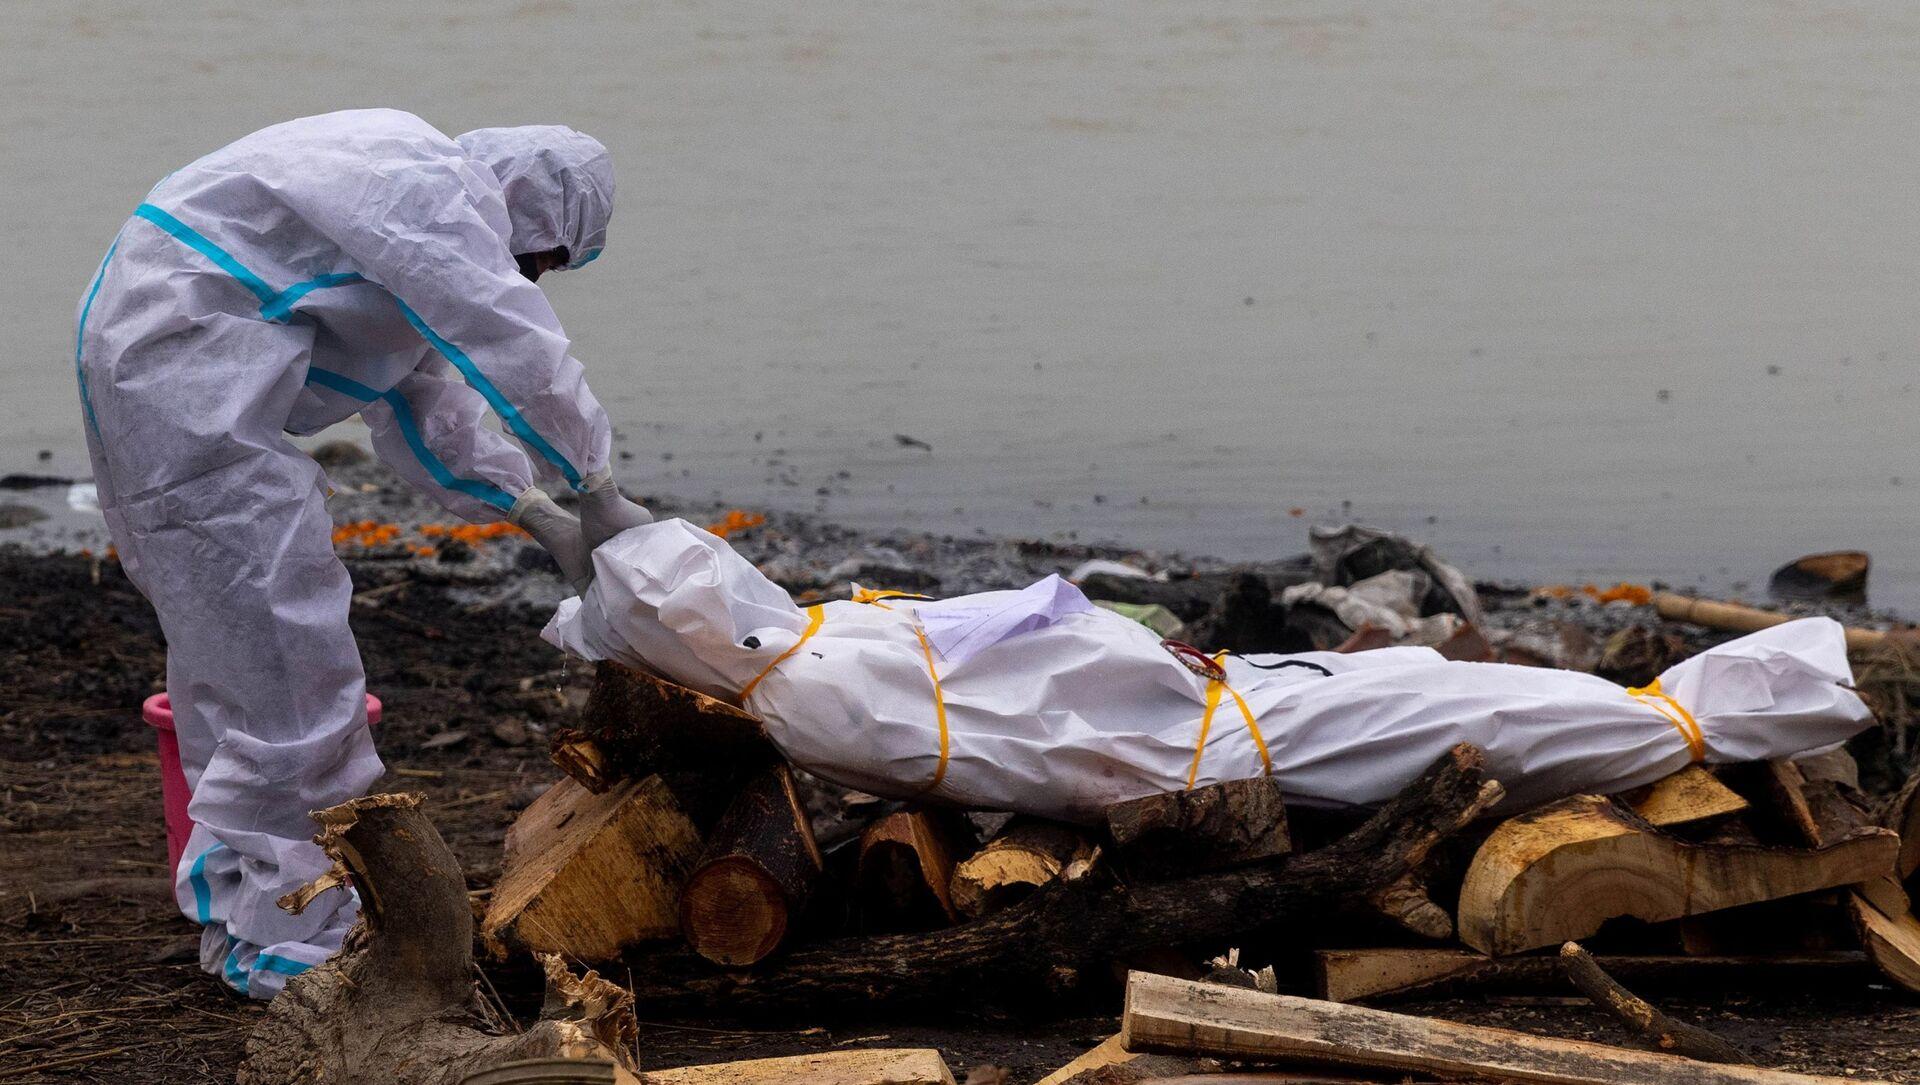 Kovid-19'dan ölen yakınıyla Ganj Nehri kıyısında yakılmasından önce koruyucu kıyafetler giyerek vedalaşan Hindistanlı (Uttar Pradeş, Garhmukteshwar) - Sputnik Türkiye, 1920, 11.05.2021